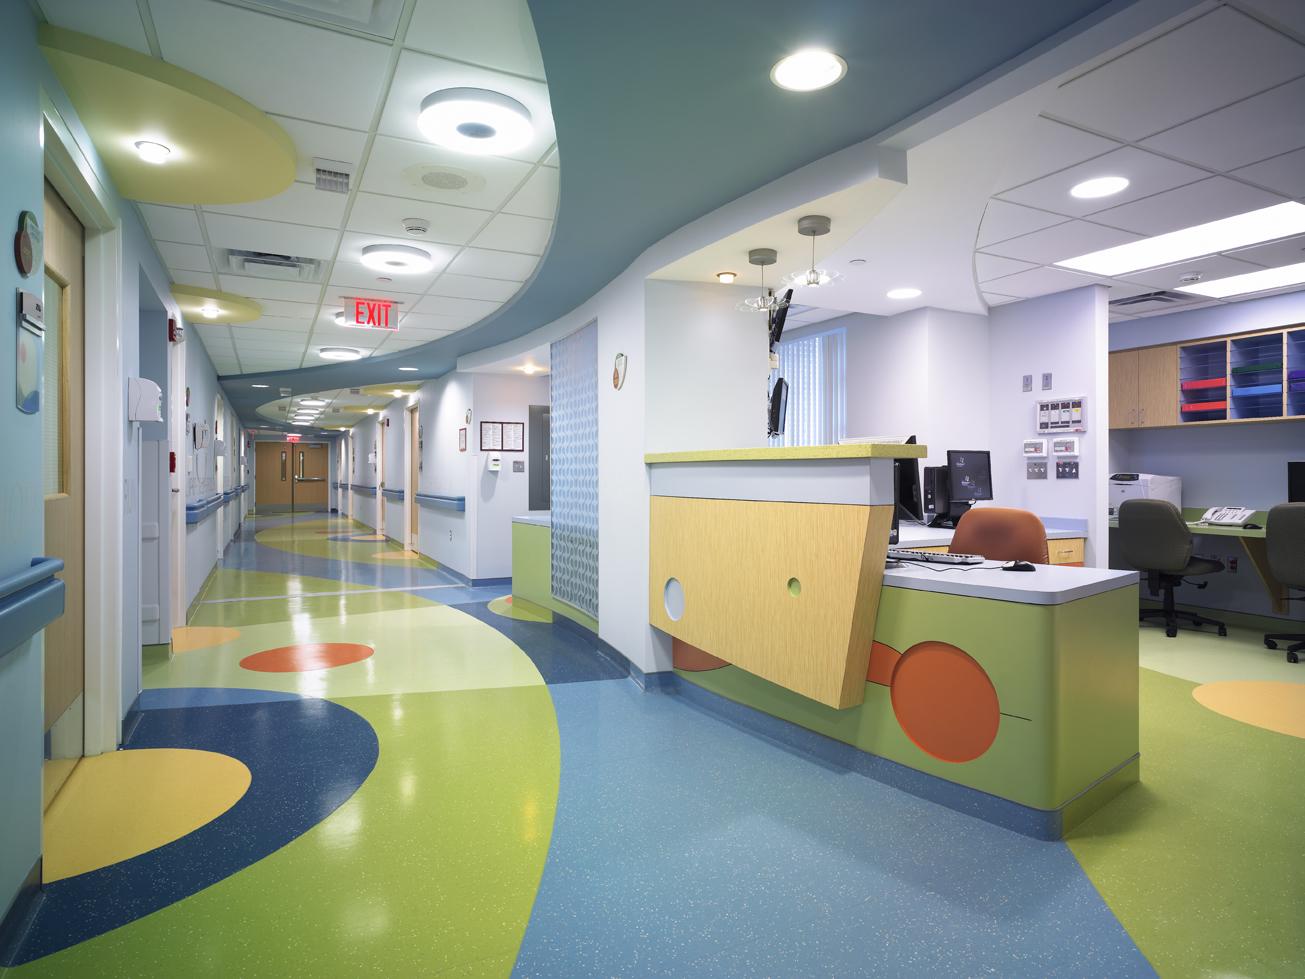 Saint Clares Hospital